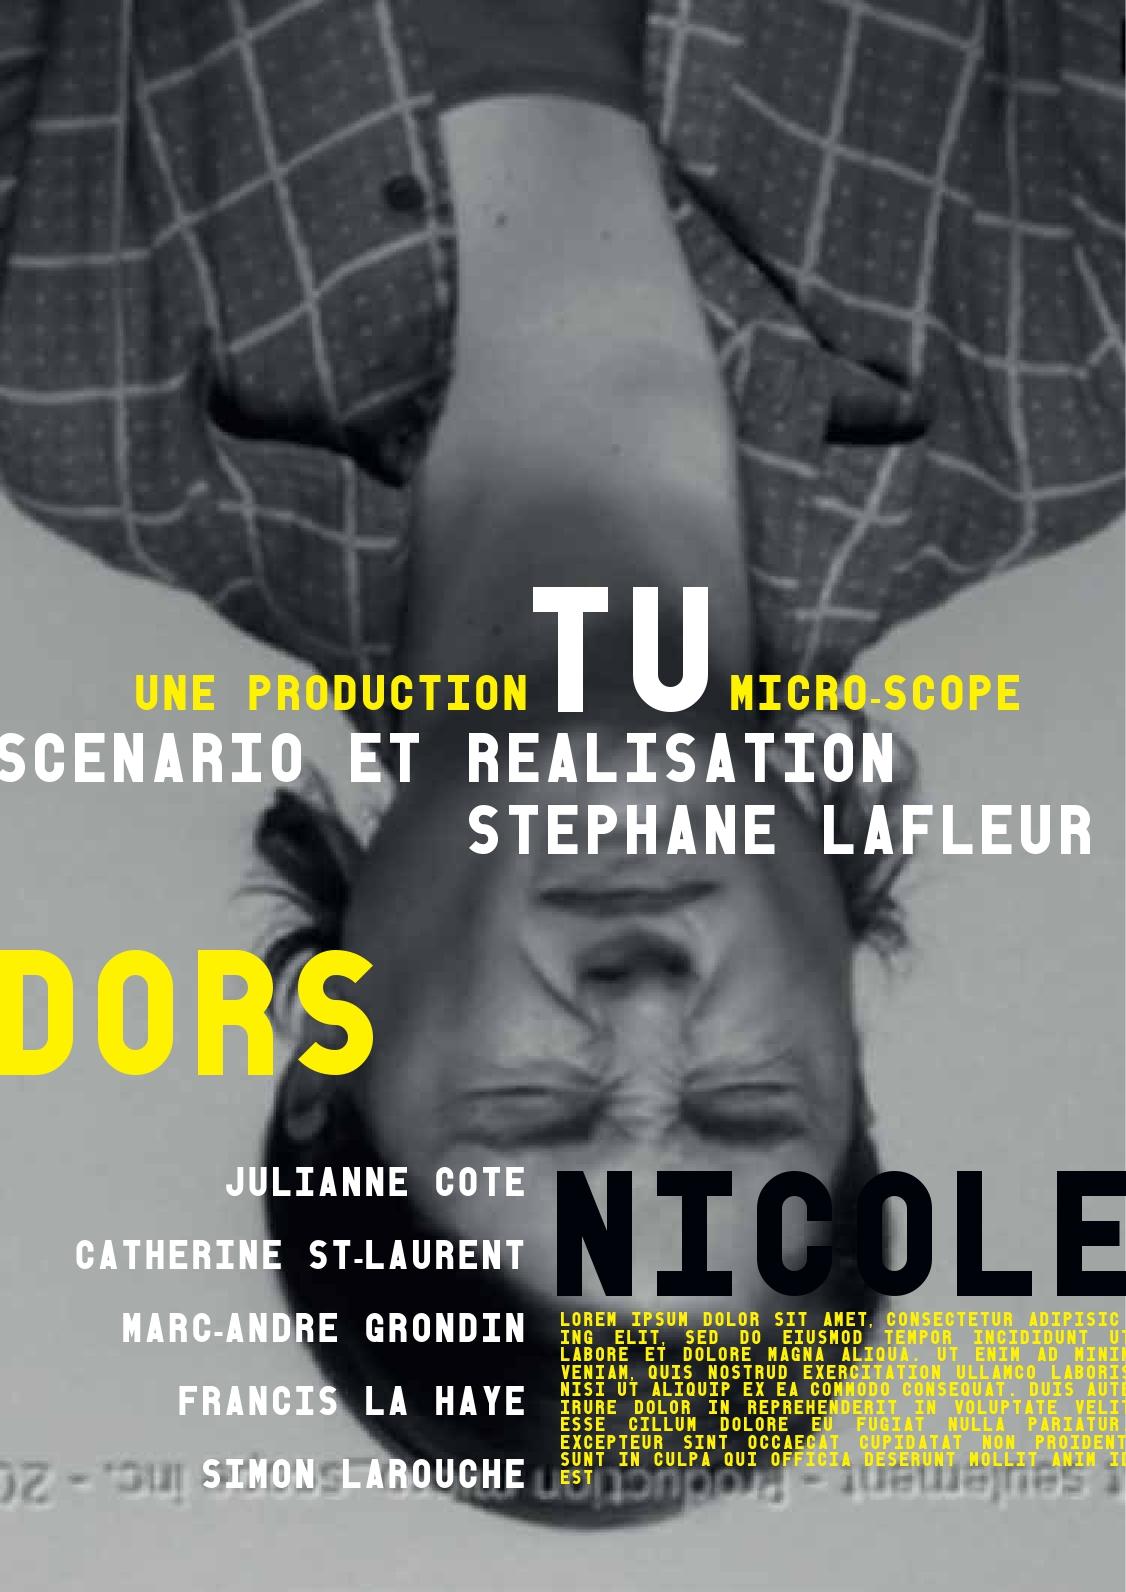 RENZO-TuDorsNicole-Poster-7fev_00017.jpg